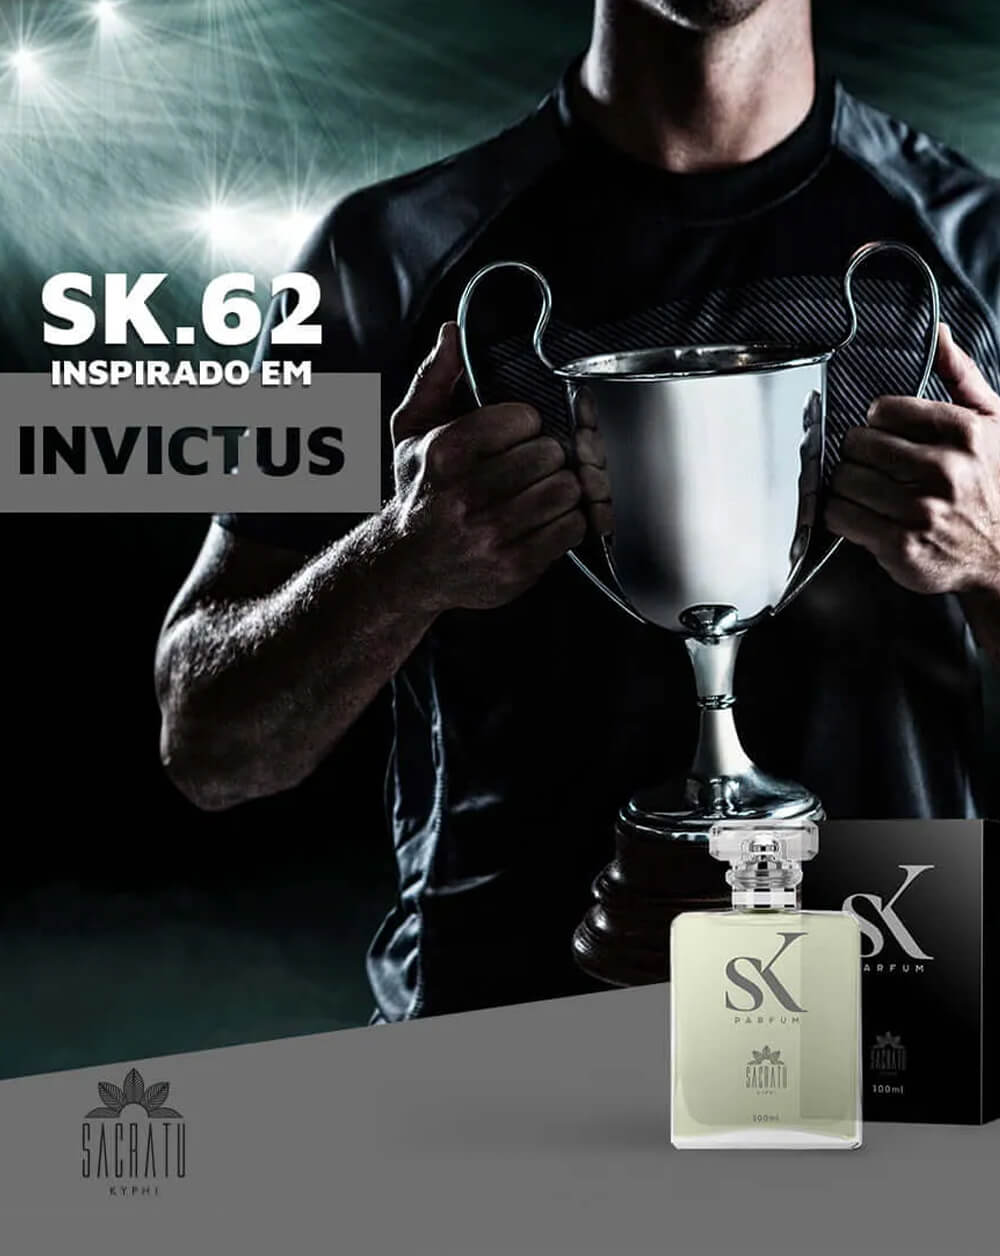 SK 62 Inspirado no Invictus by Paco Rabanne